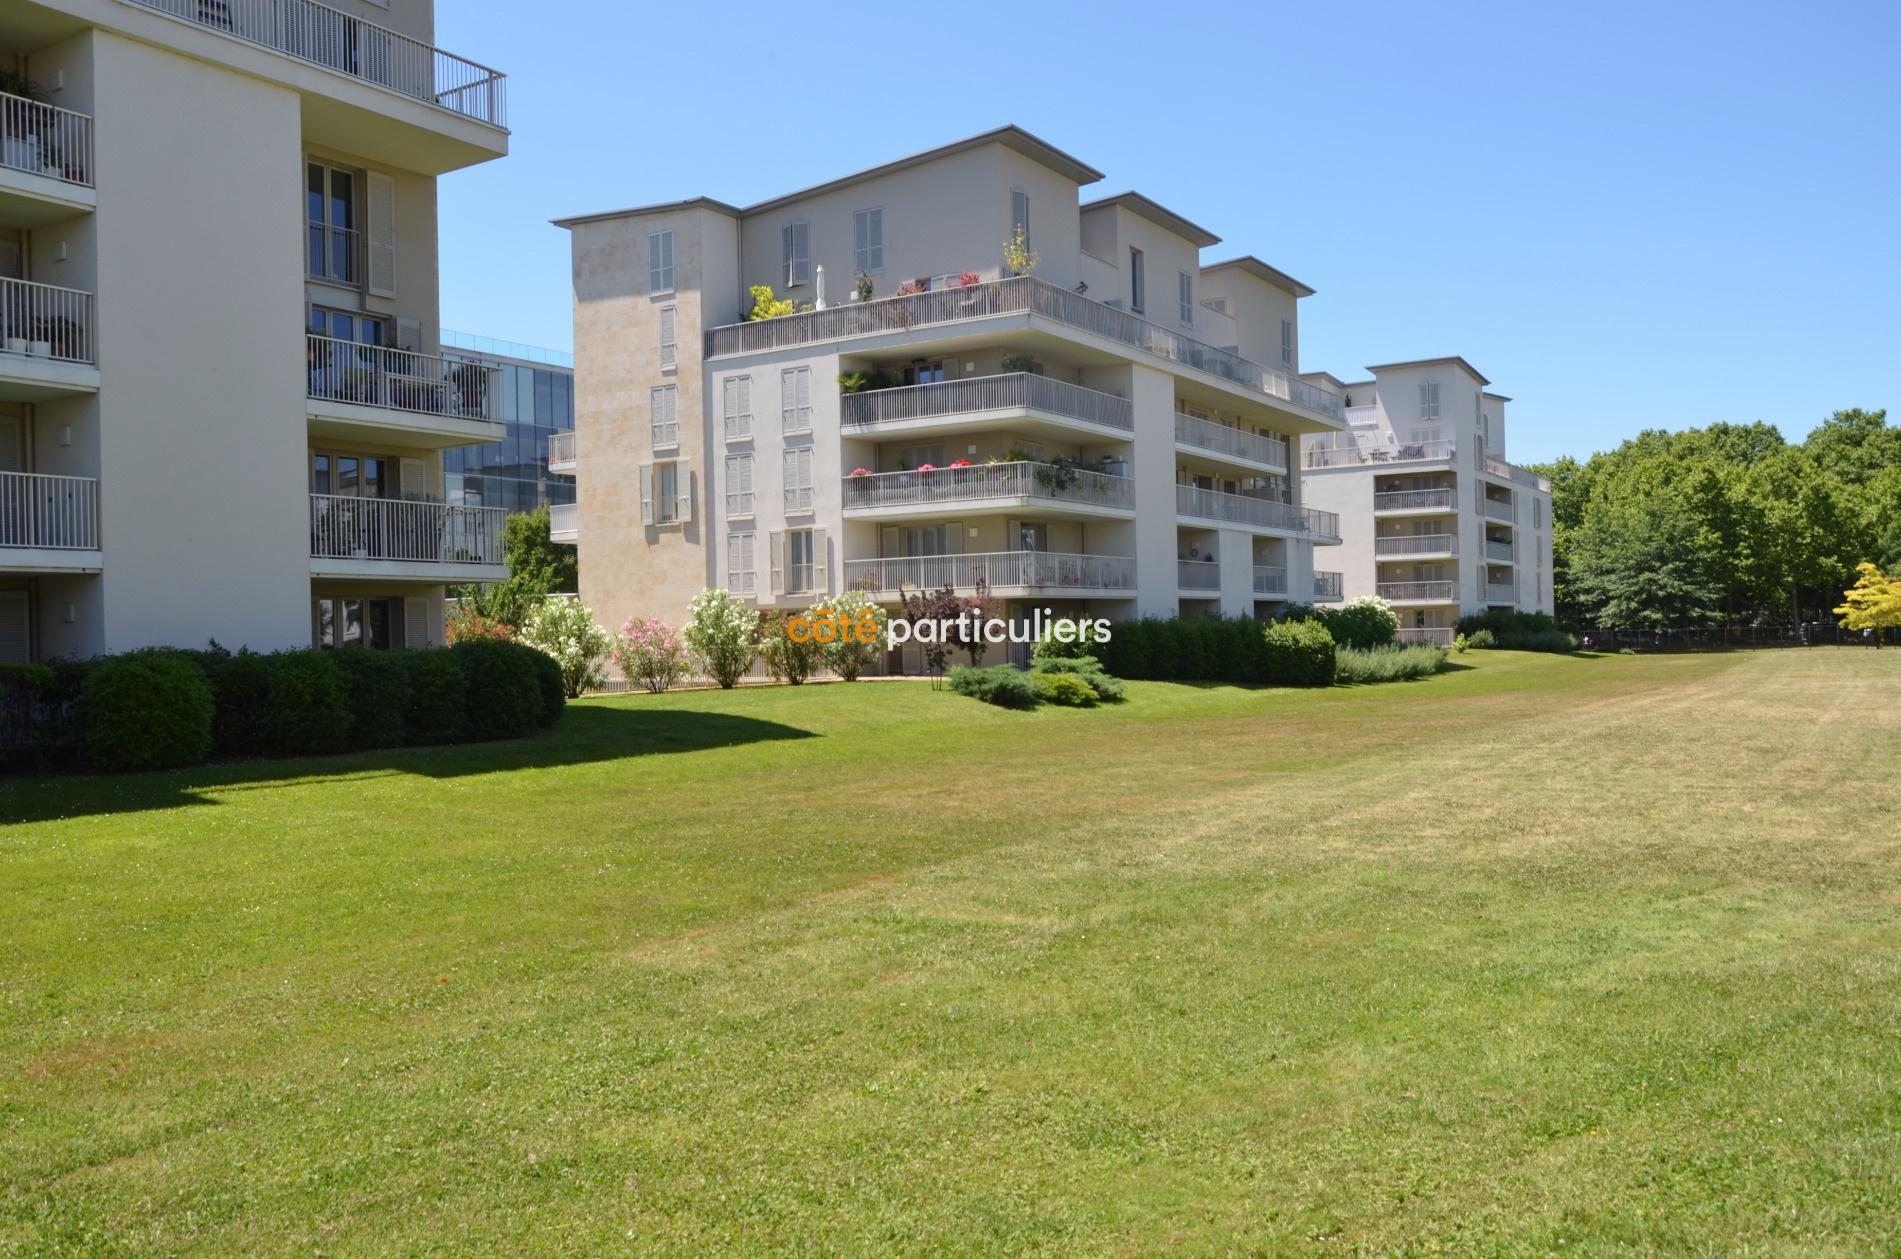 Vente t3 bordeaux bastide belle terrasse vue jardin for Vente appartement bordeaux bastide